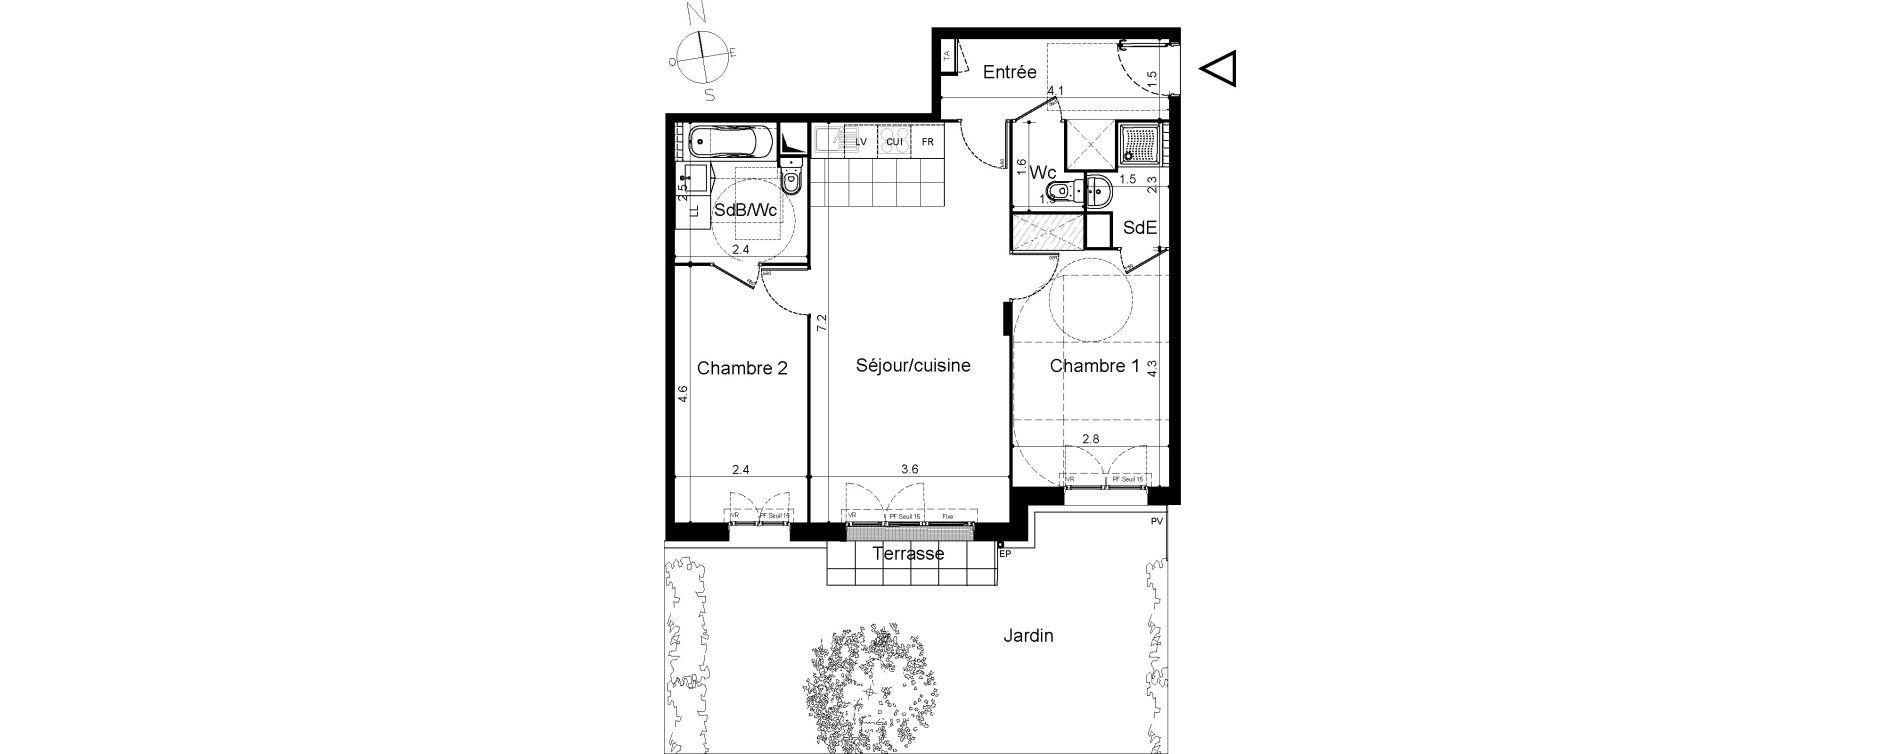 Appartement T3 de 66,13 m2 à Plaisir Centre